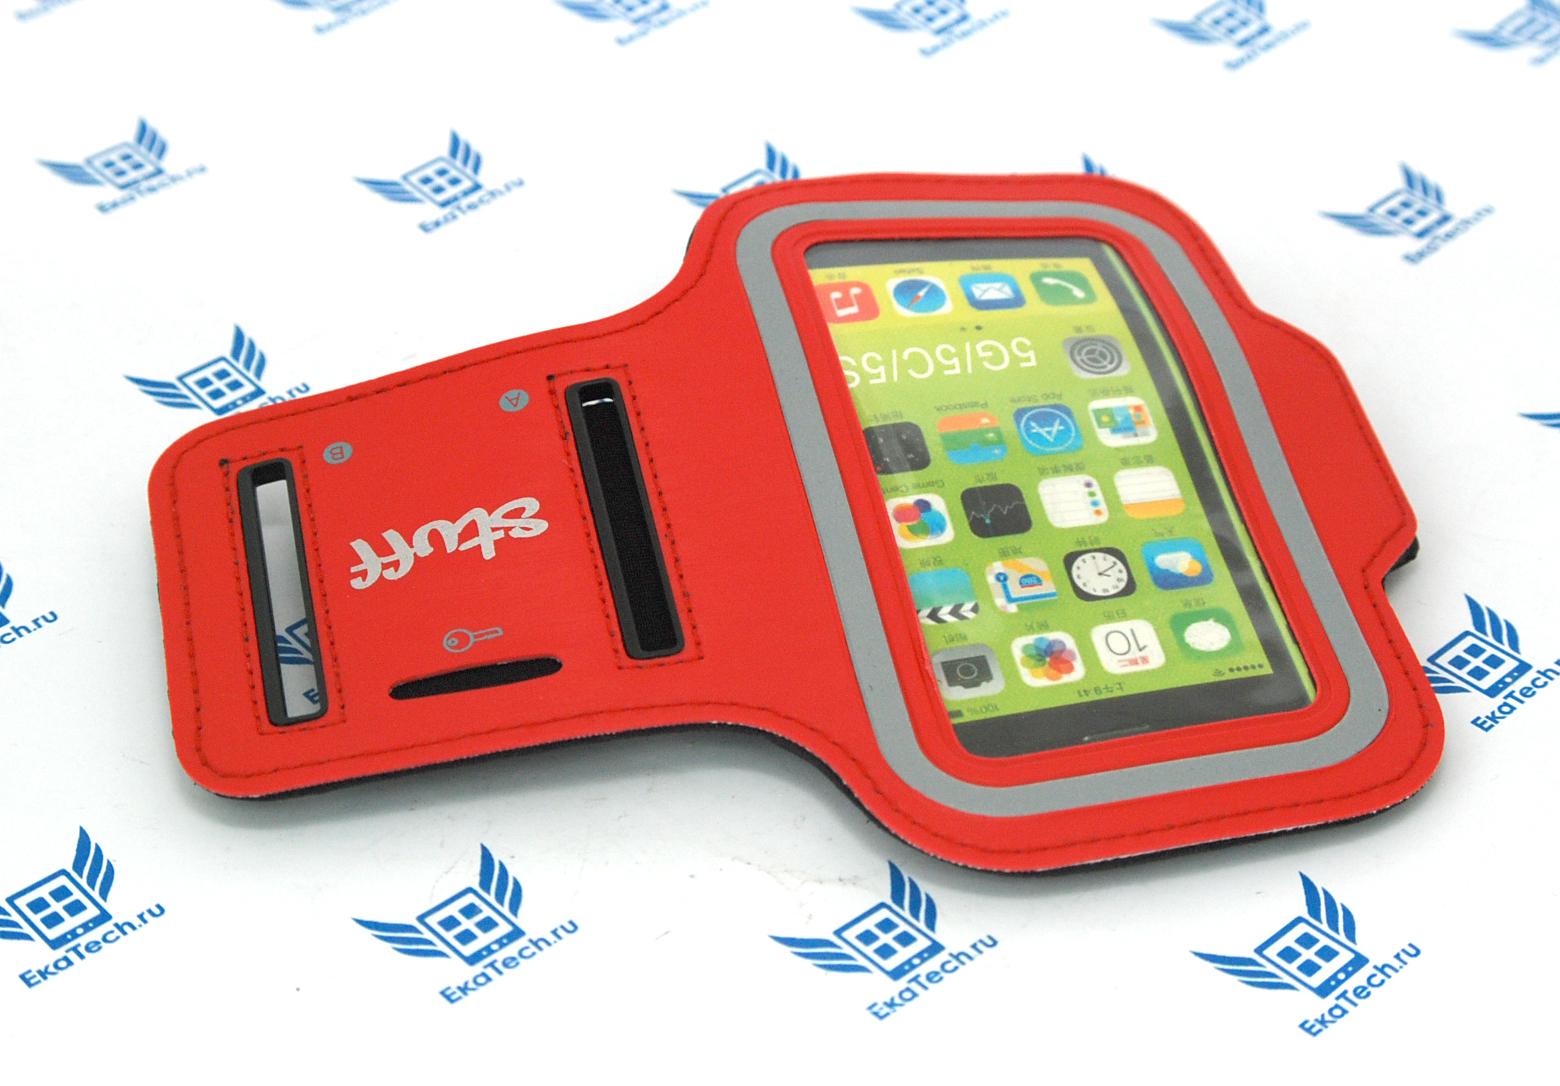 Спортивный чехол на руку для iPhone 5 / 5s / 5c / 5se красный